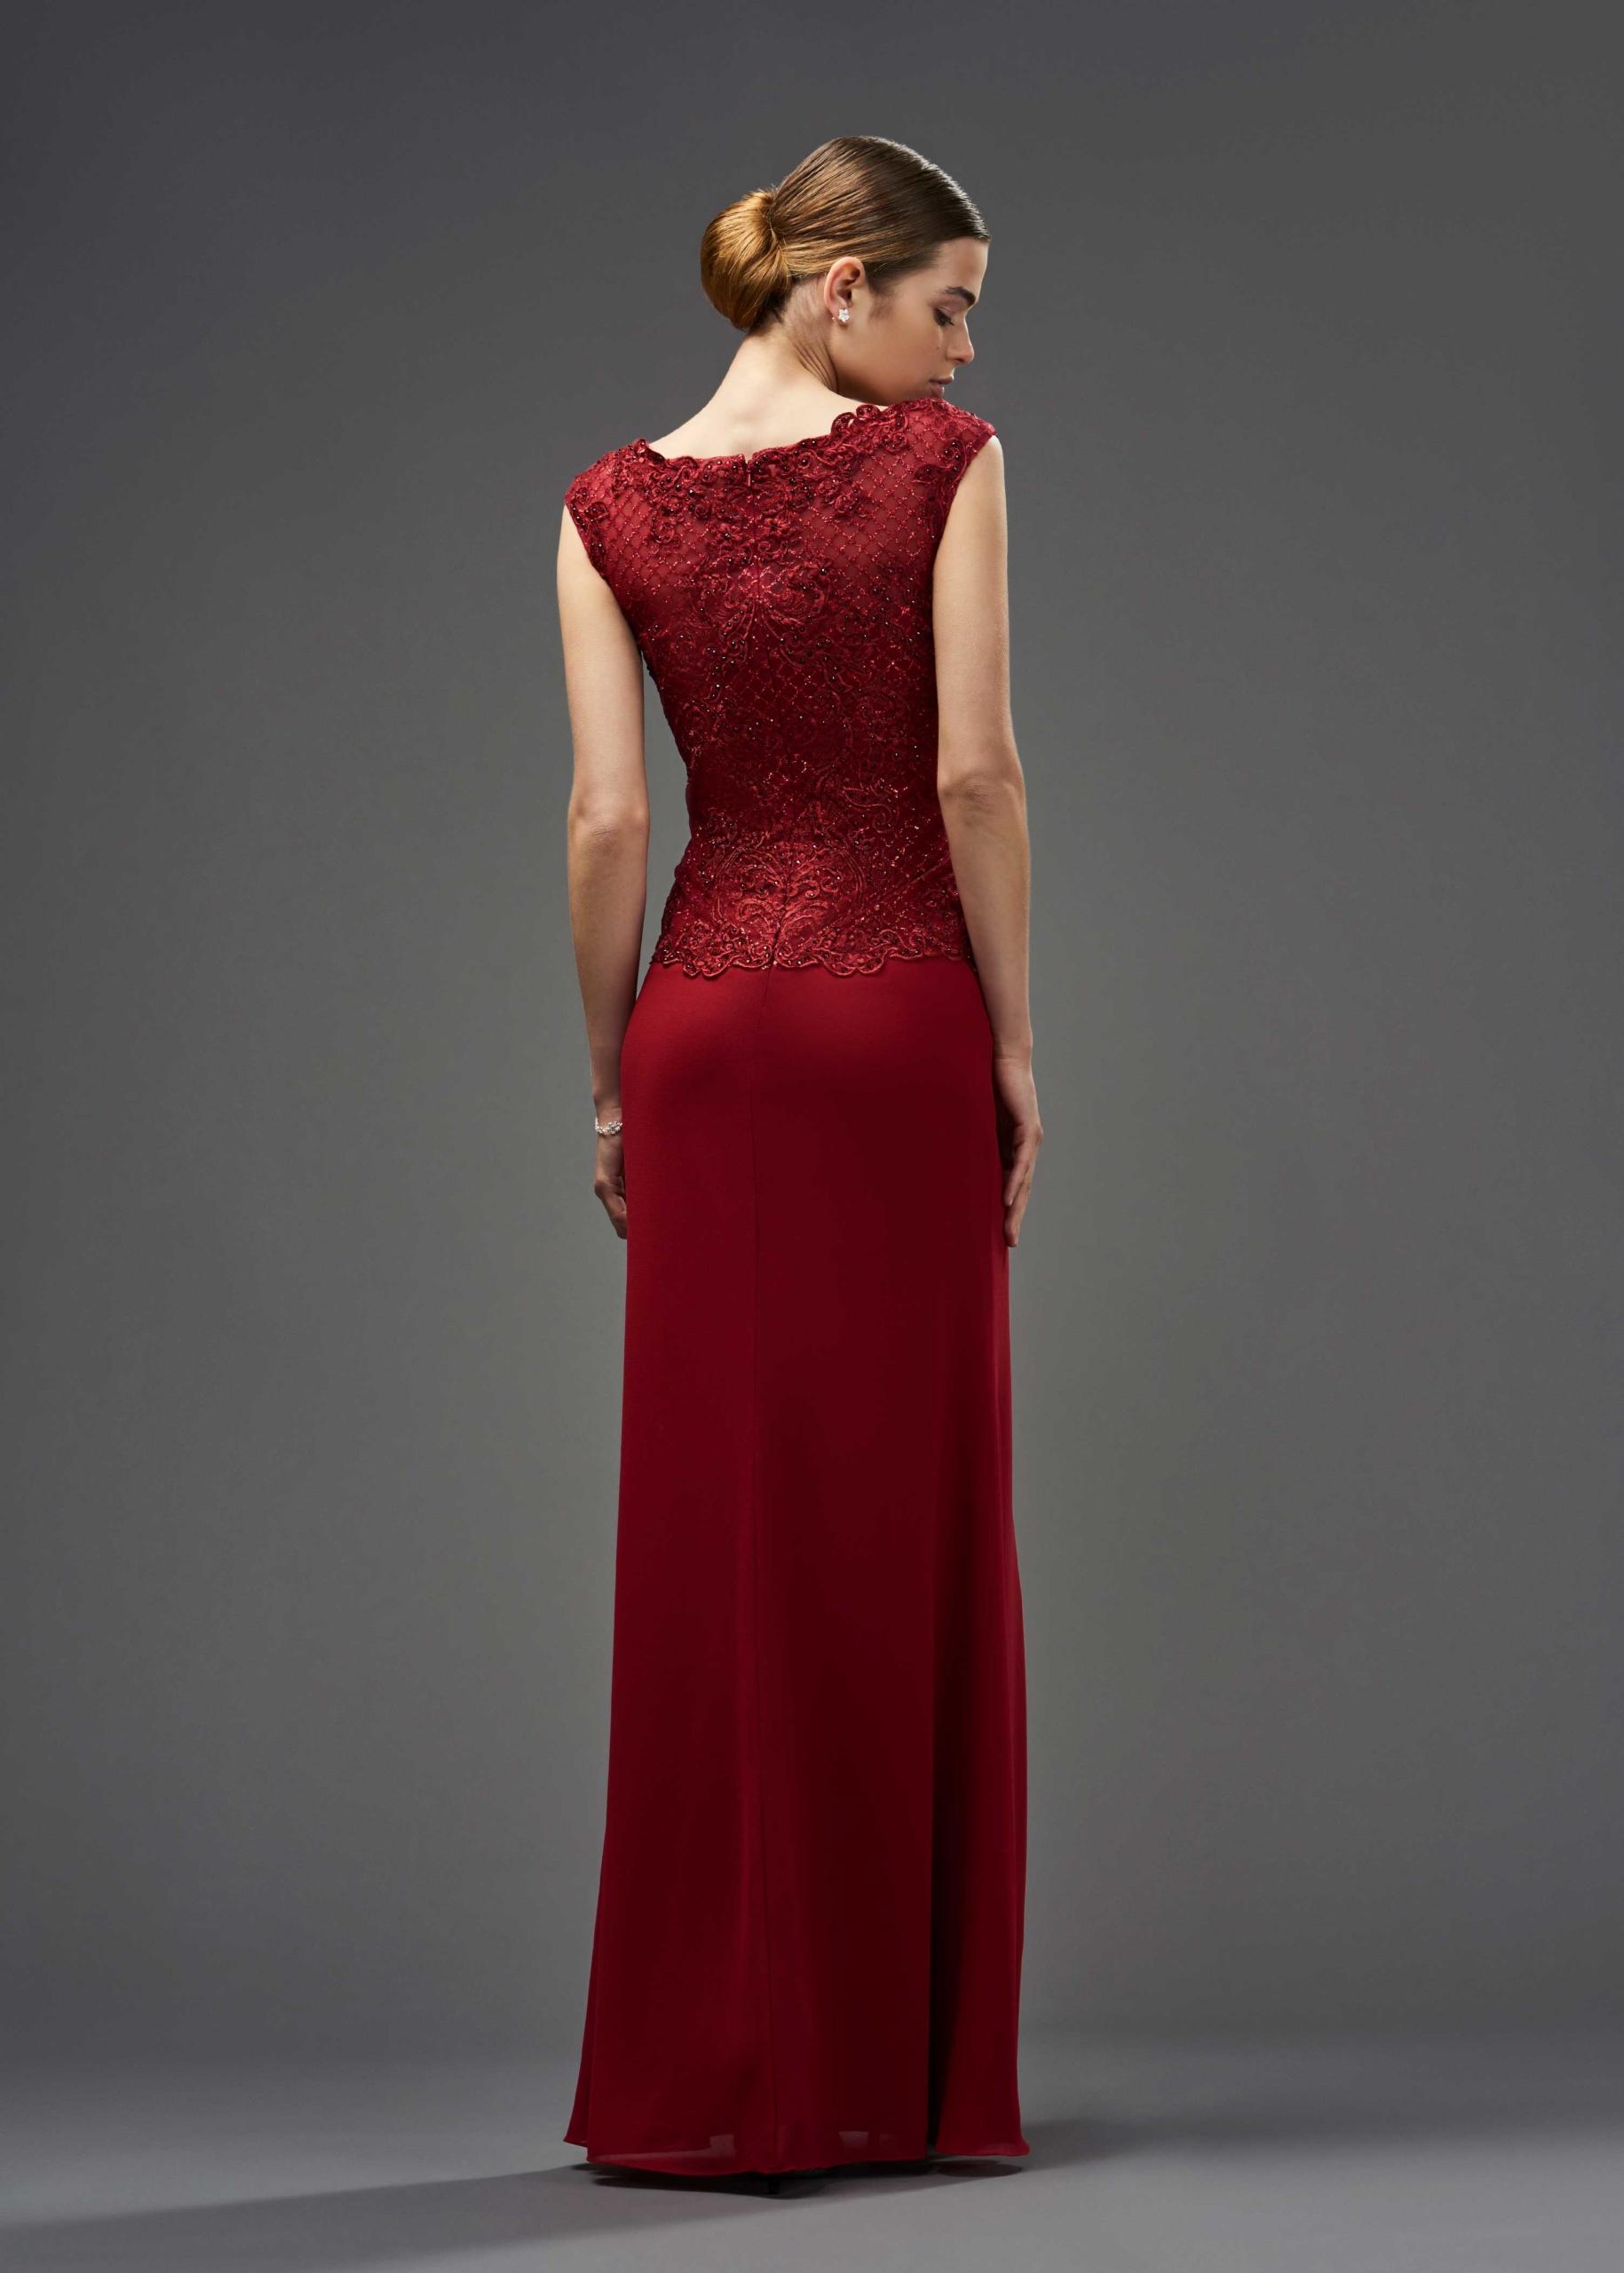 Kleid aus Chiffon und Spitze | Itsmydress